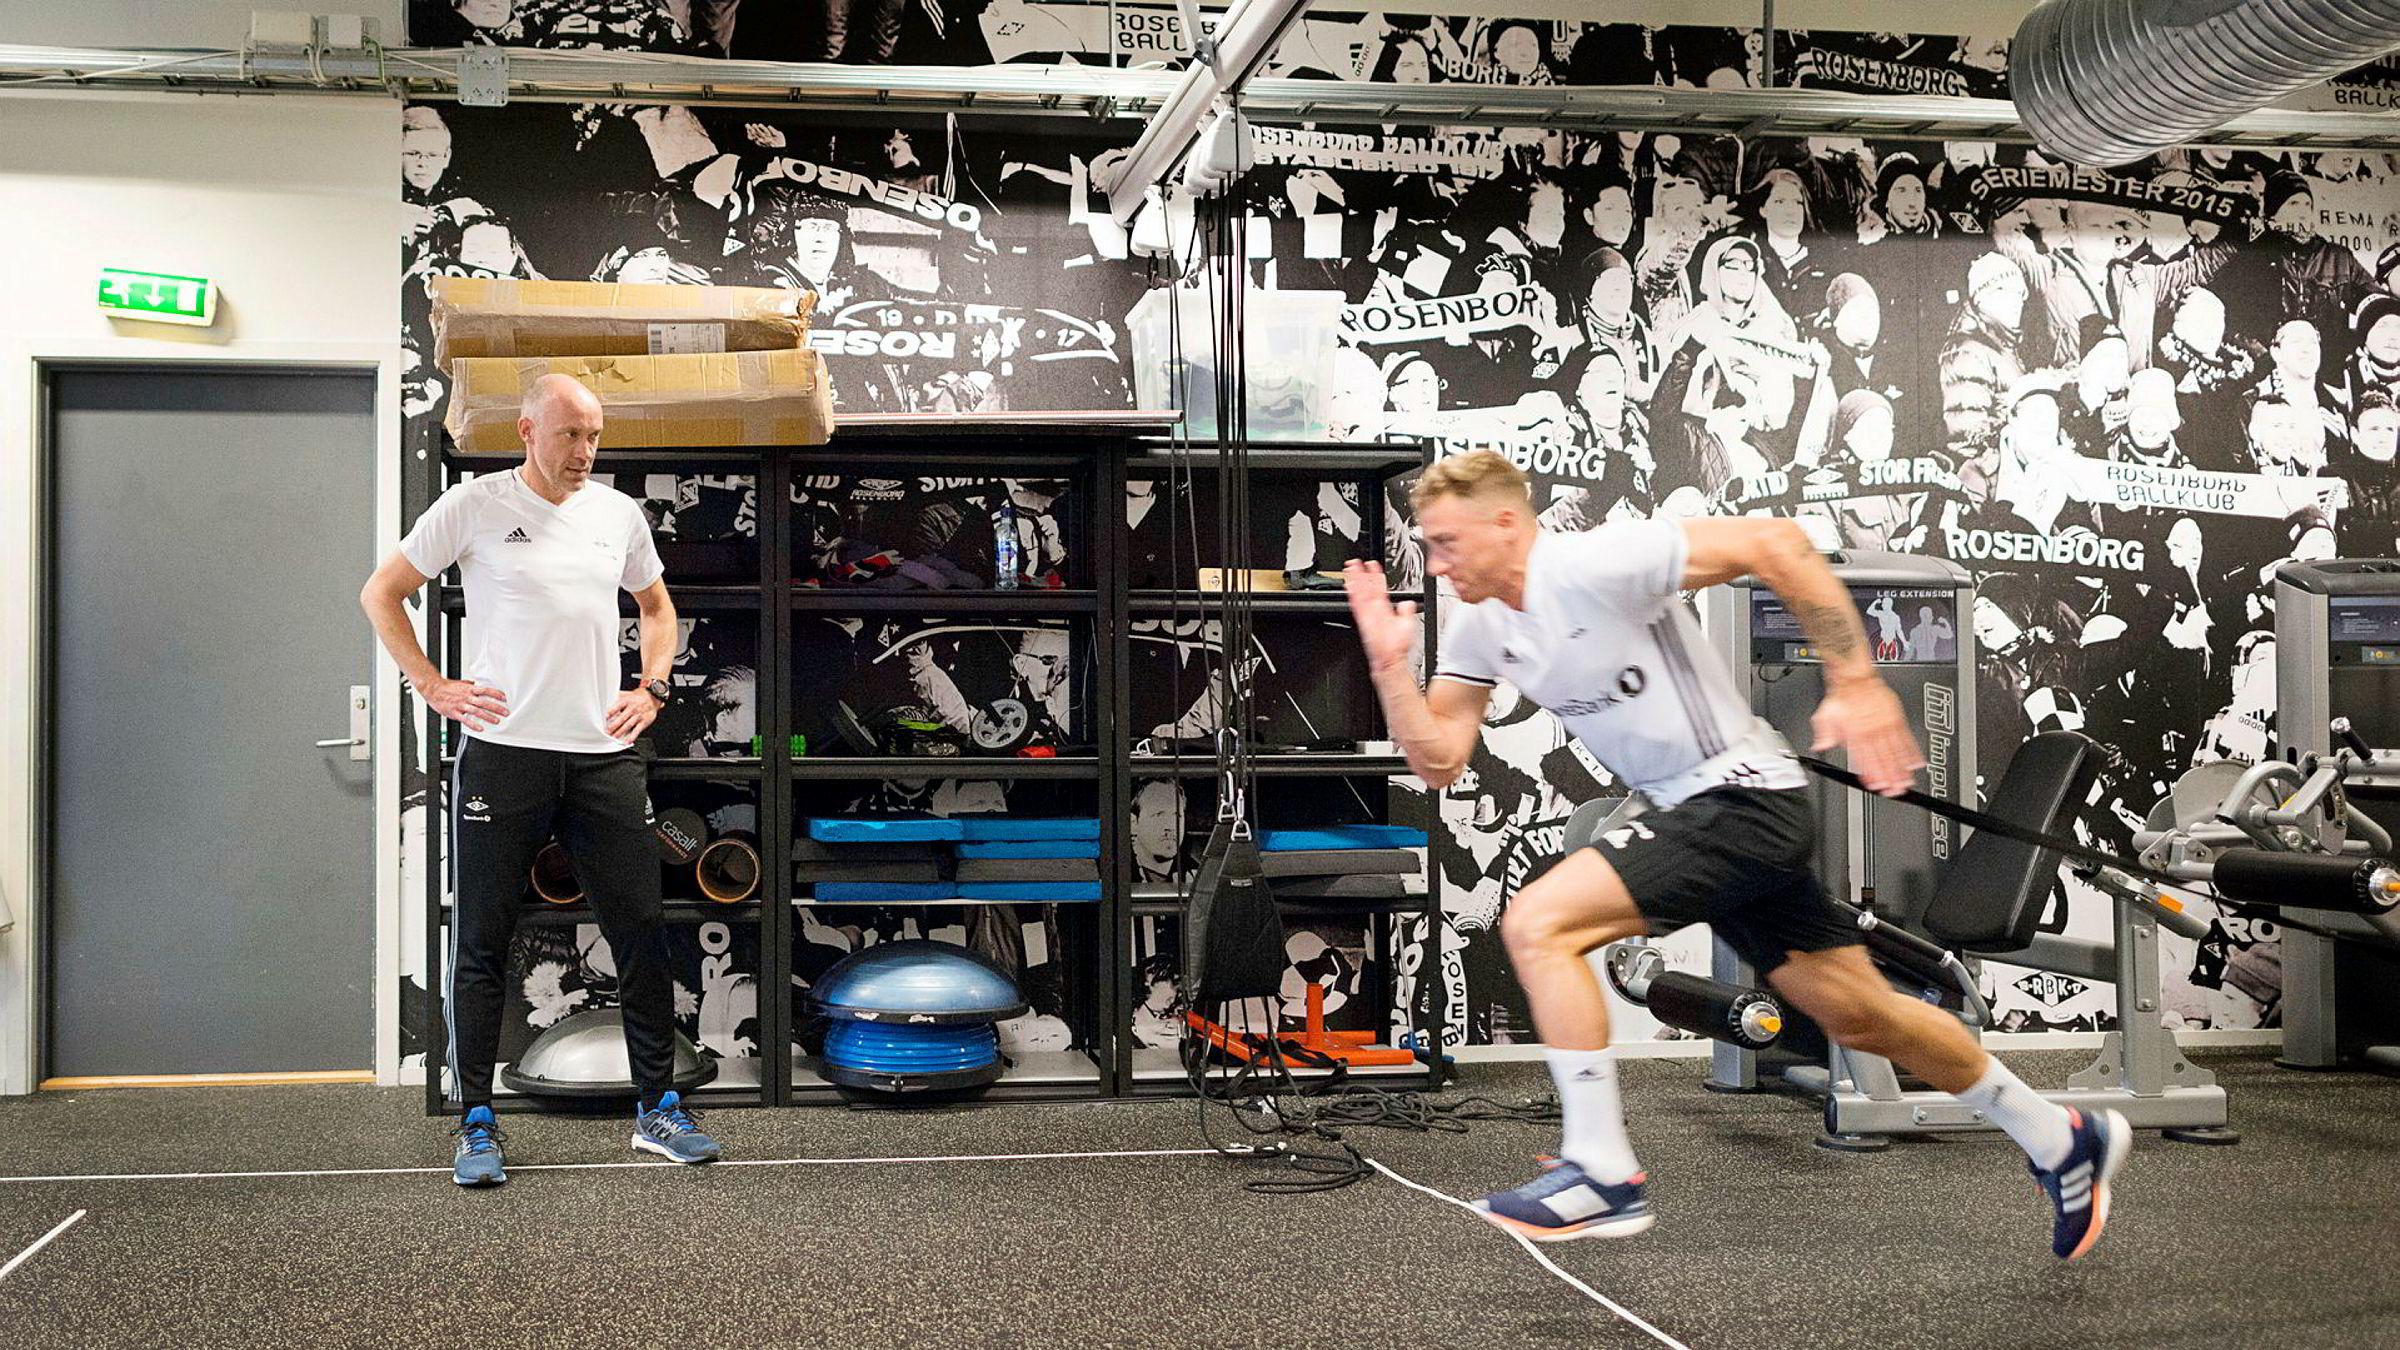 Olympisk mester Vebjørn Rodal bistår Rosenborg med tanke på å få spillerne til å løpe kjappest mulig til dit ballen til enhver tid er. Her rykker Alex Gerbach til med vekter på slep.